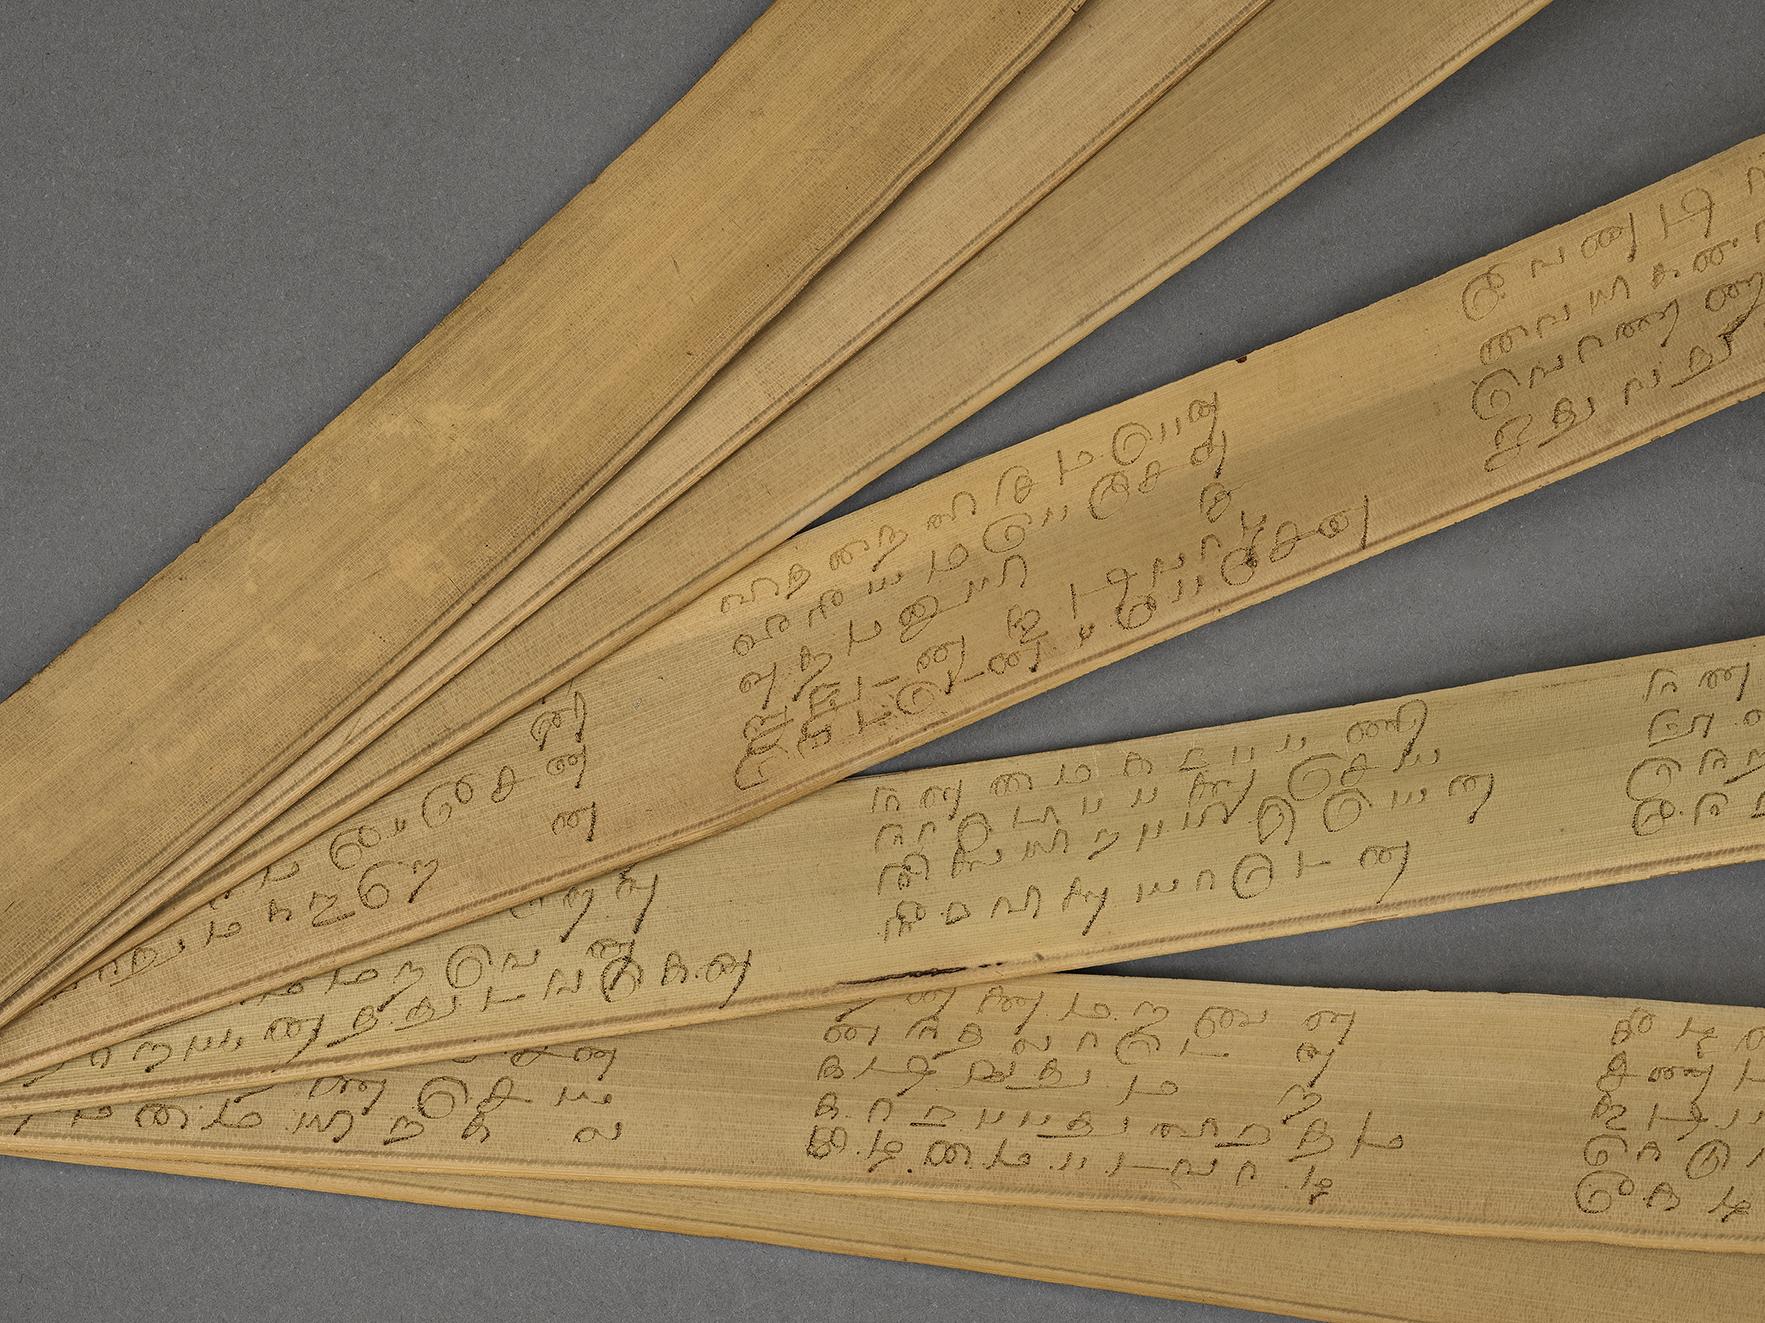 Manuscrit tamoul composé de feuilles de palme formant des ôles avec inscriptions en tamoul - Ouvert en éventail